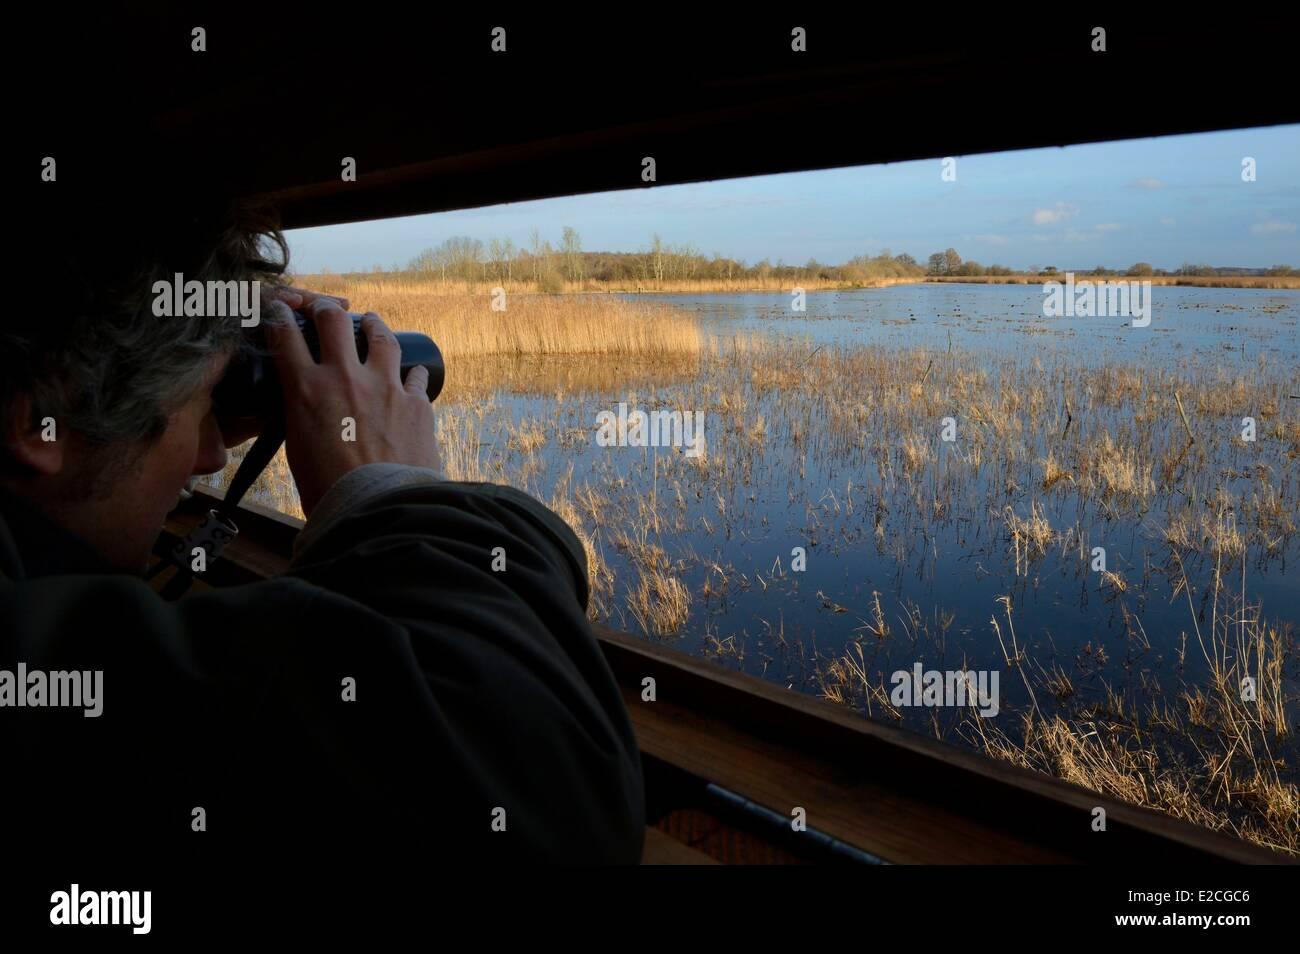 France, Indre, Berry, Parc Naturel Regional de la Brenne (Natural Regional Park of La Brenne), La Touche pond, observatory - Stock Image